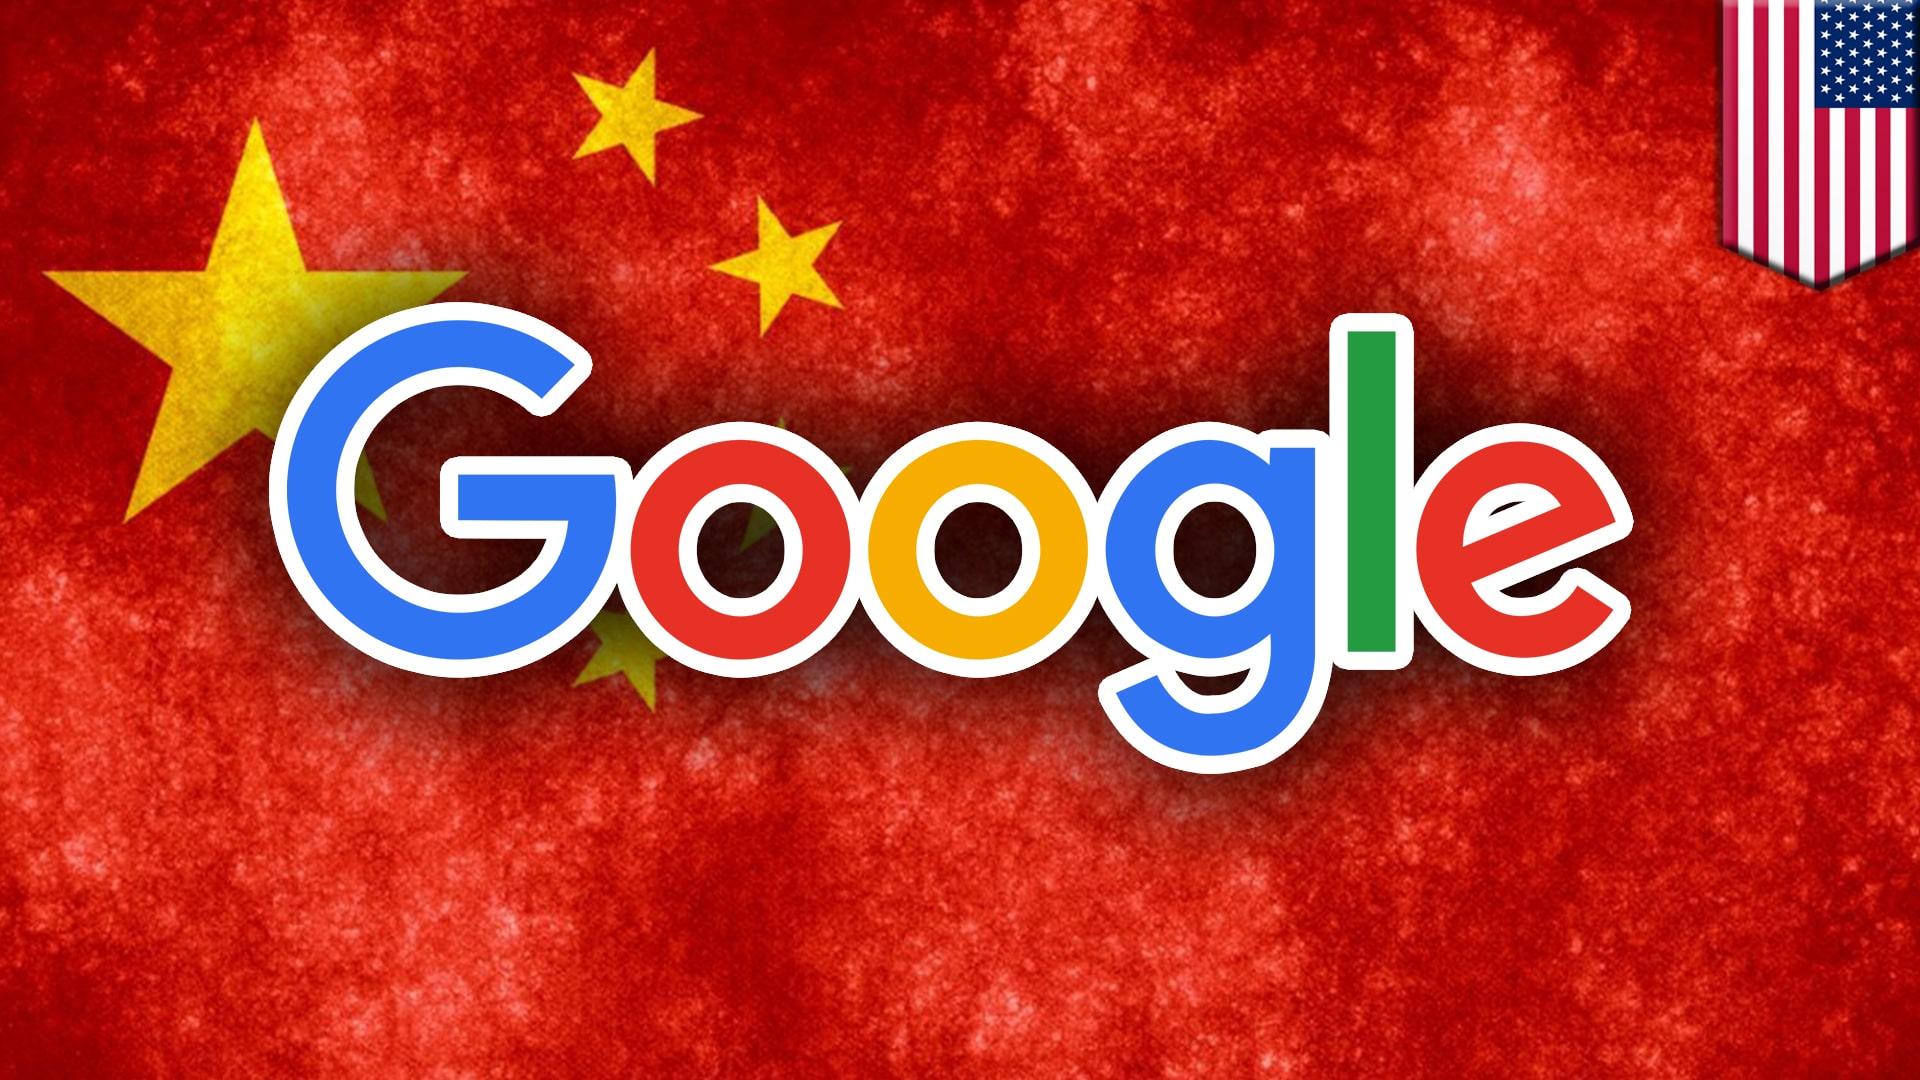 پروژه دراگونفلای گوگل